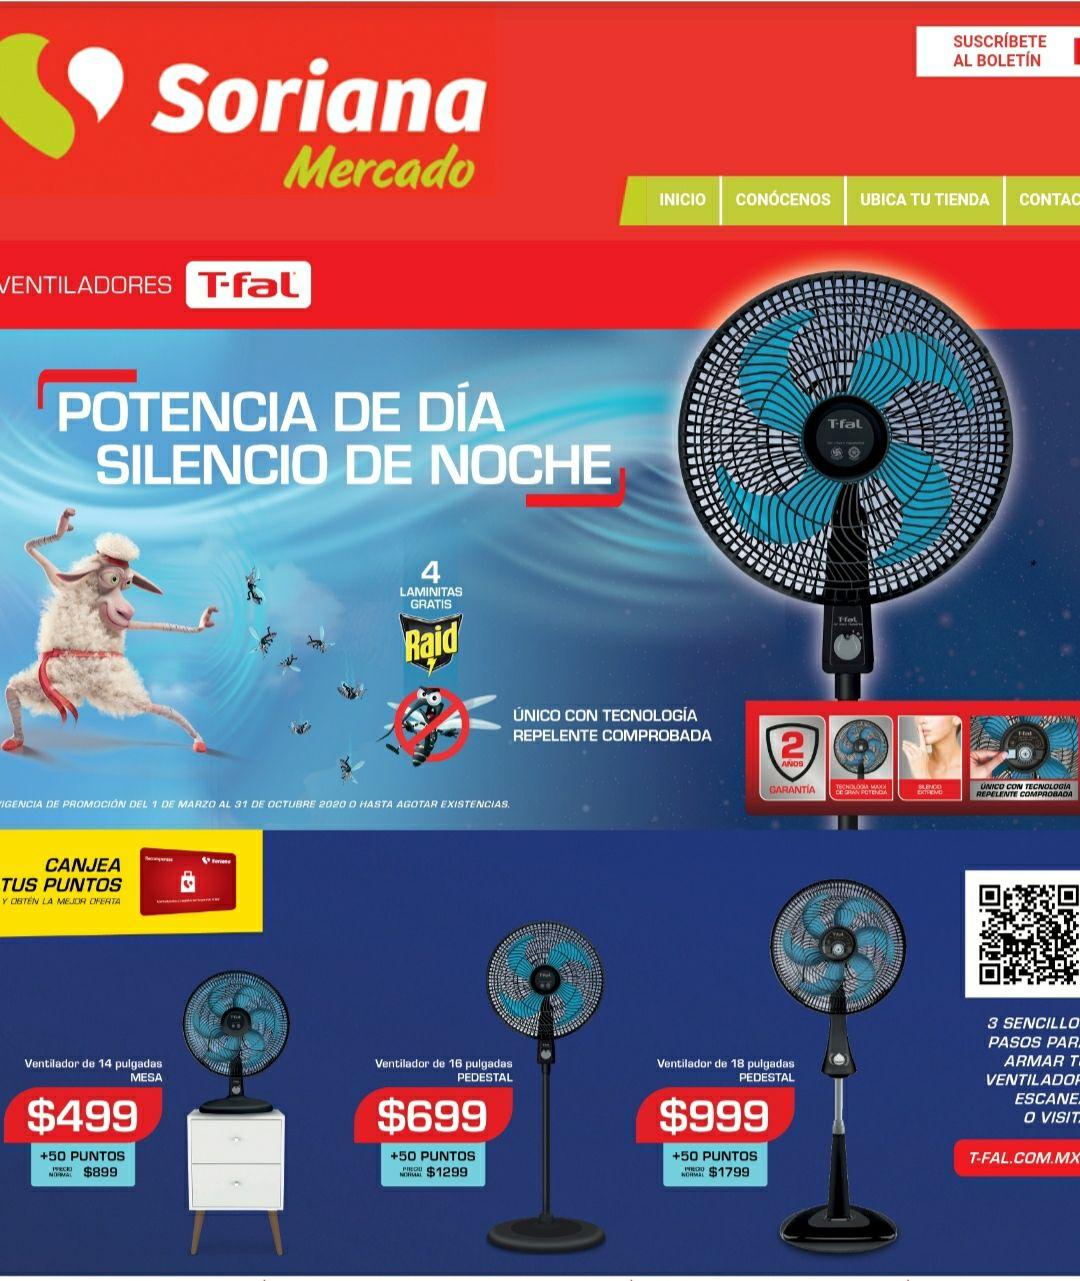 Soriana: Ventilador de pedestal t-fal (solo tarjeta de puntos)